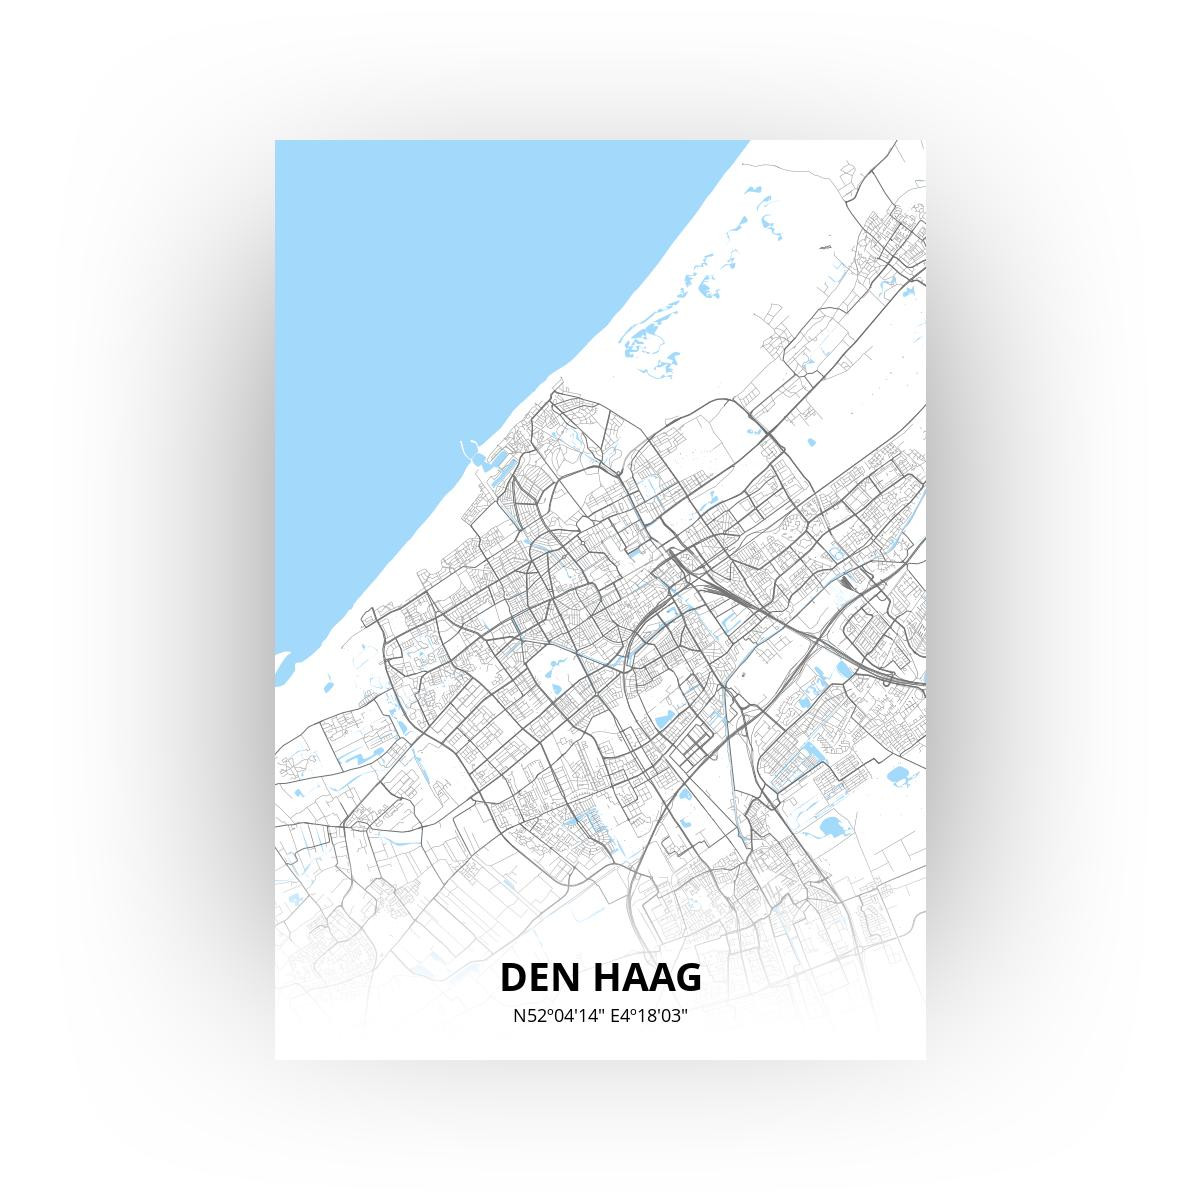 Den Haag poster - Zelf aan te passen!